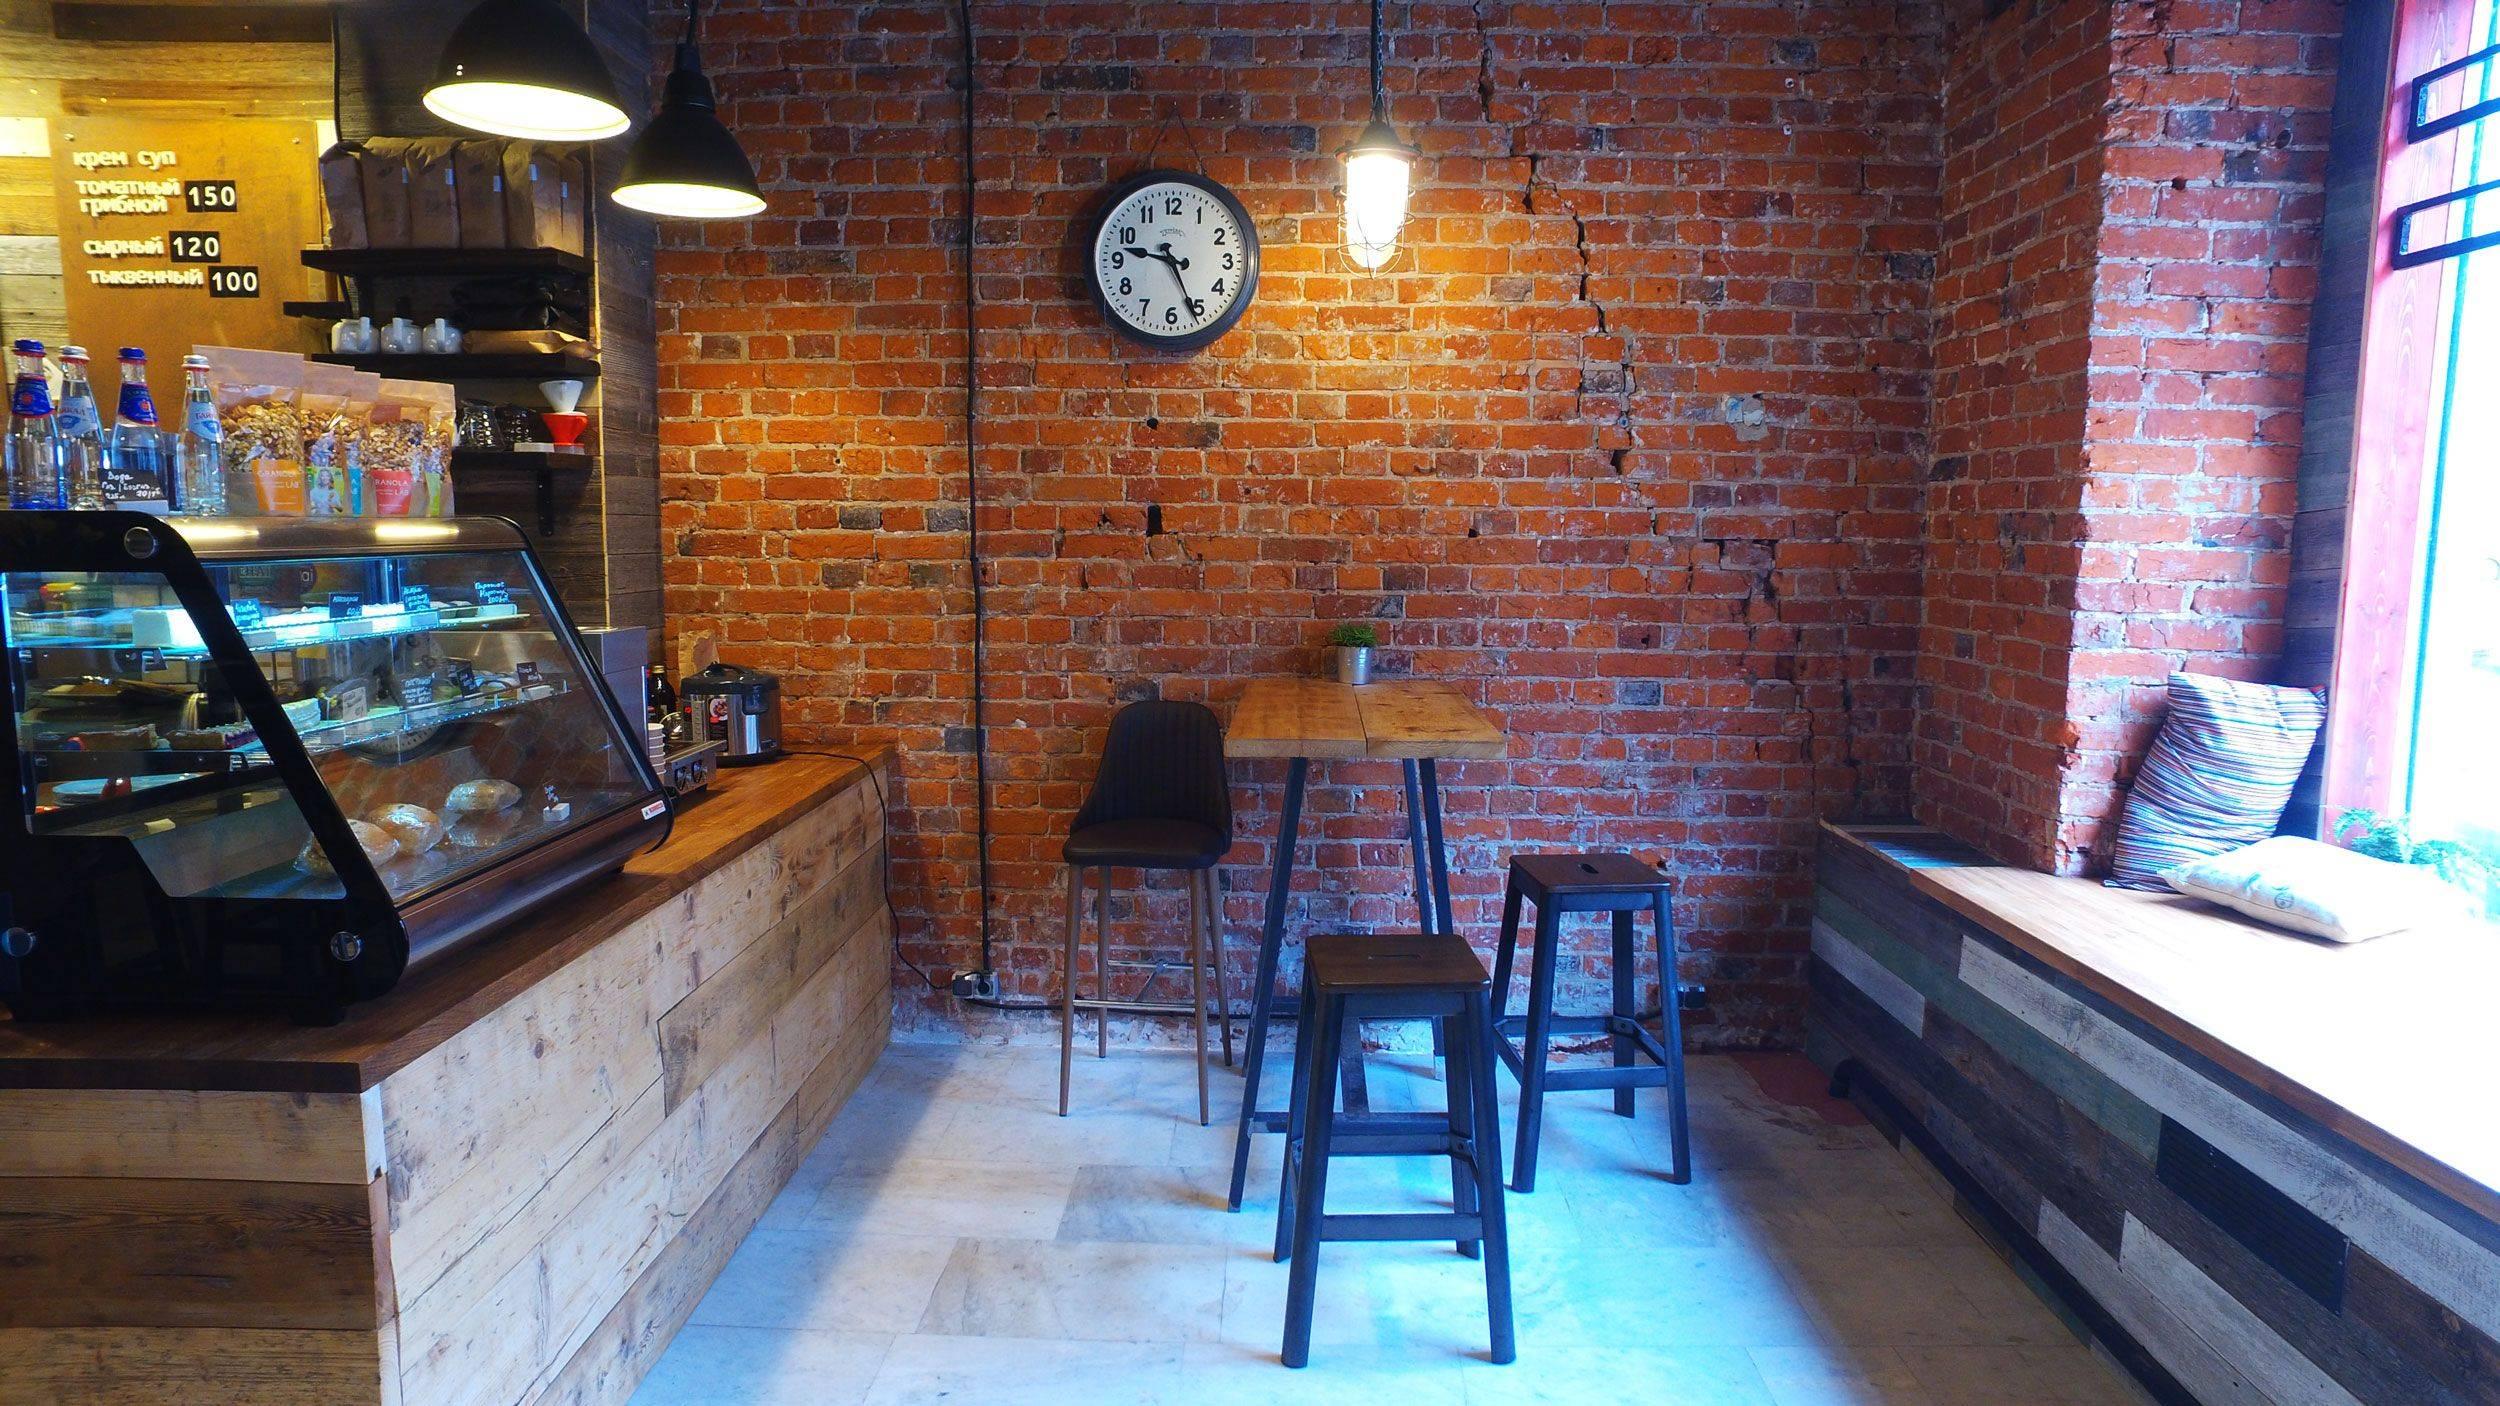 Интерьер кофейни - просторно, необычно и уютно